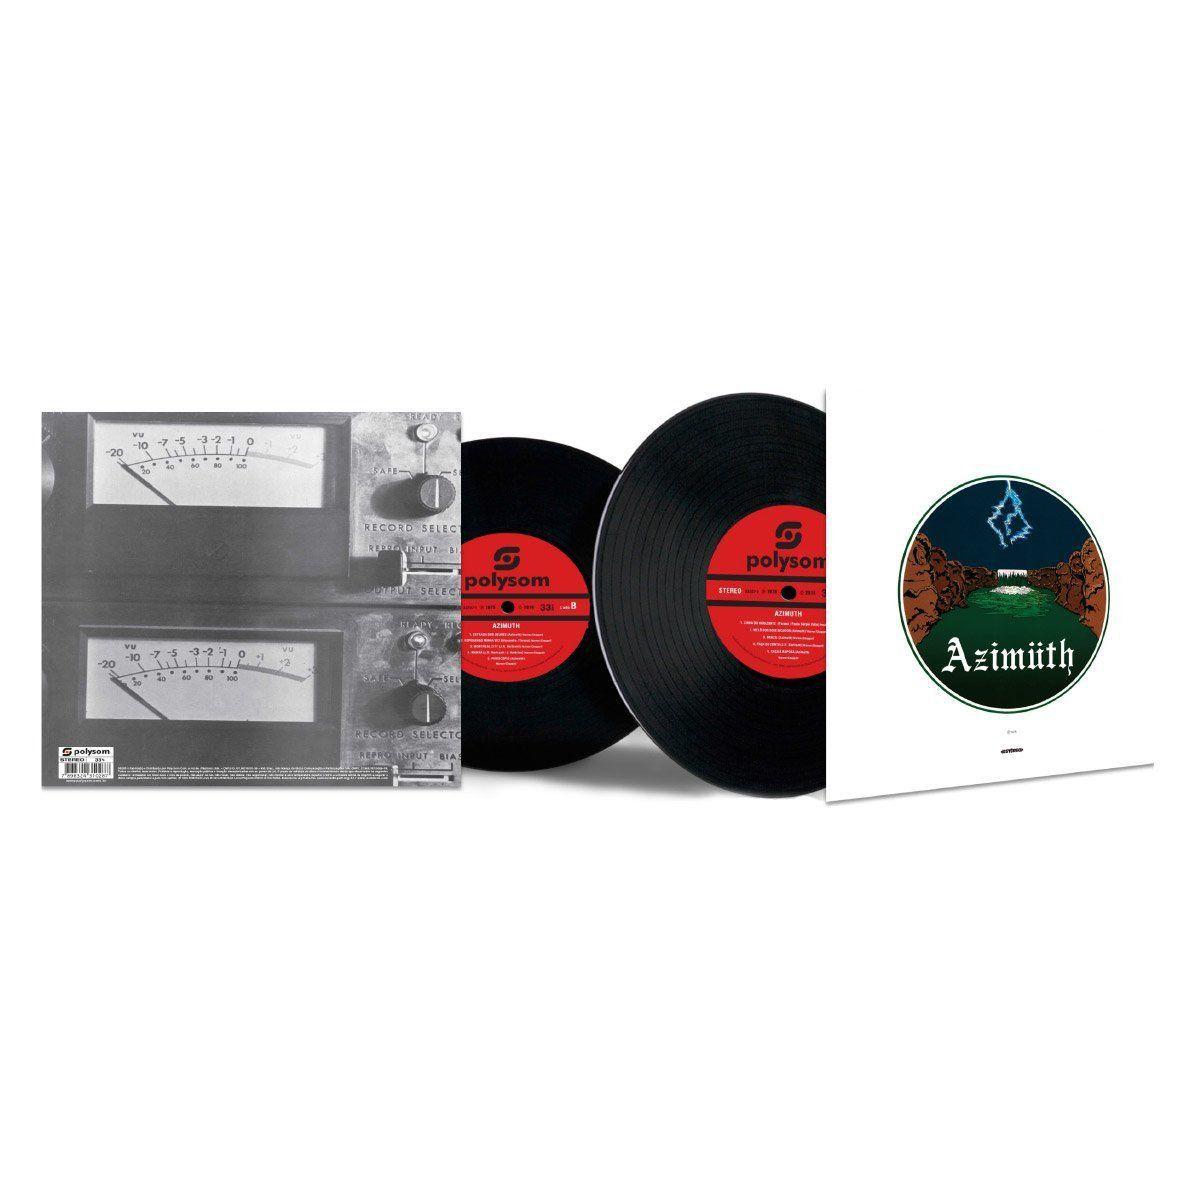 LP Azimuth Azimuth  - bandUP Store Marketplace